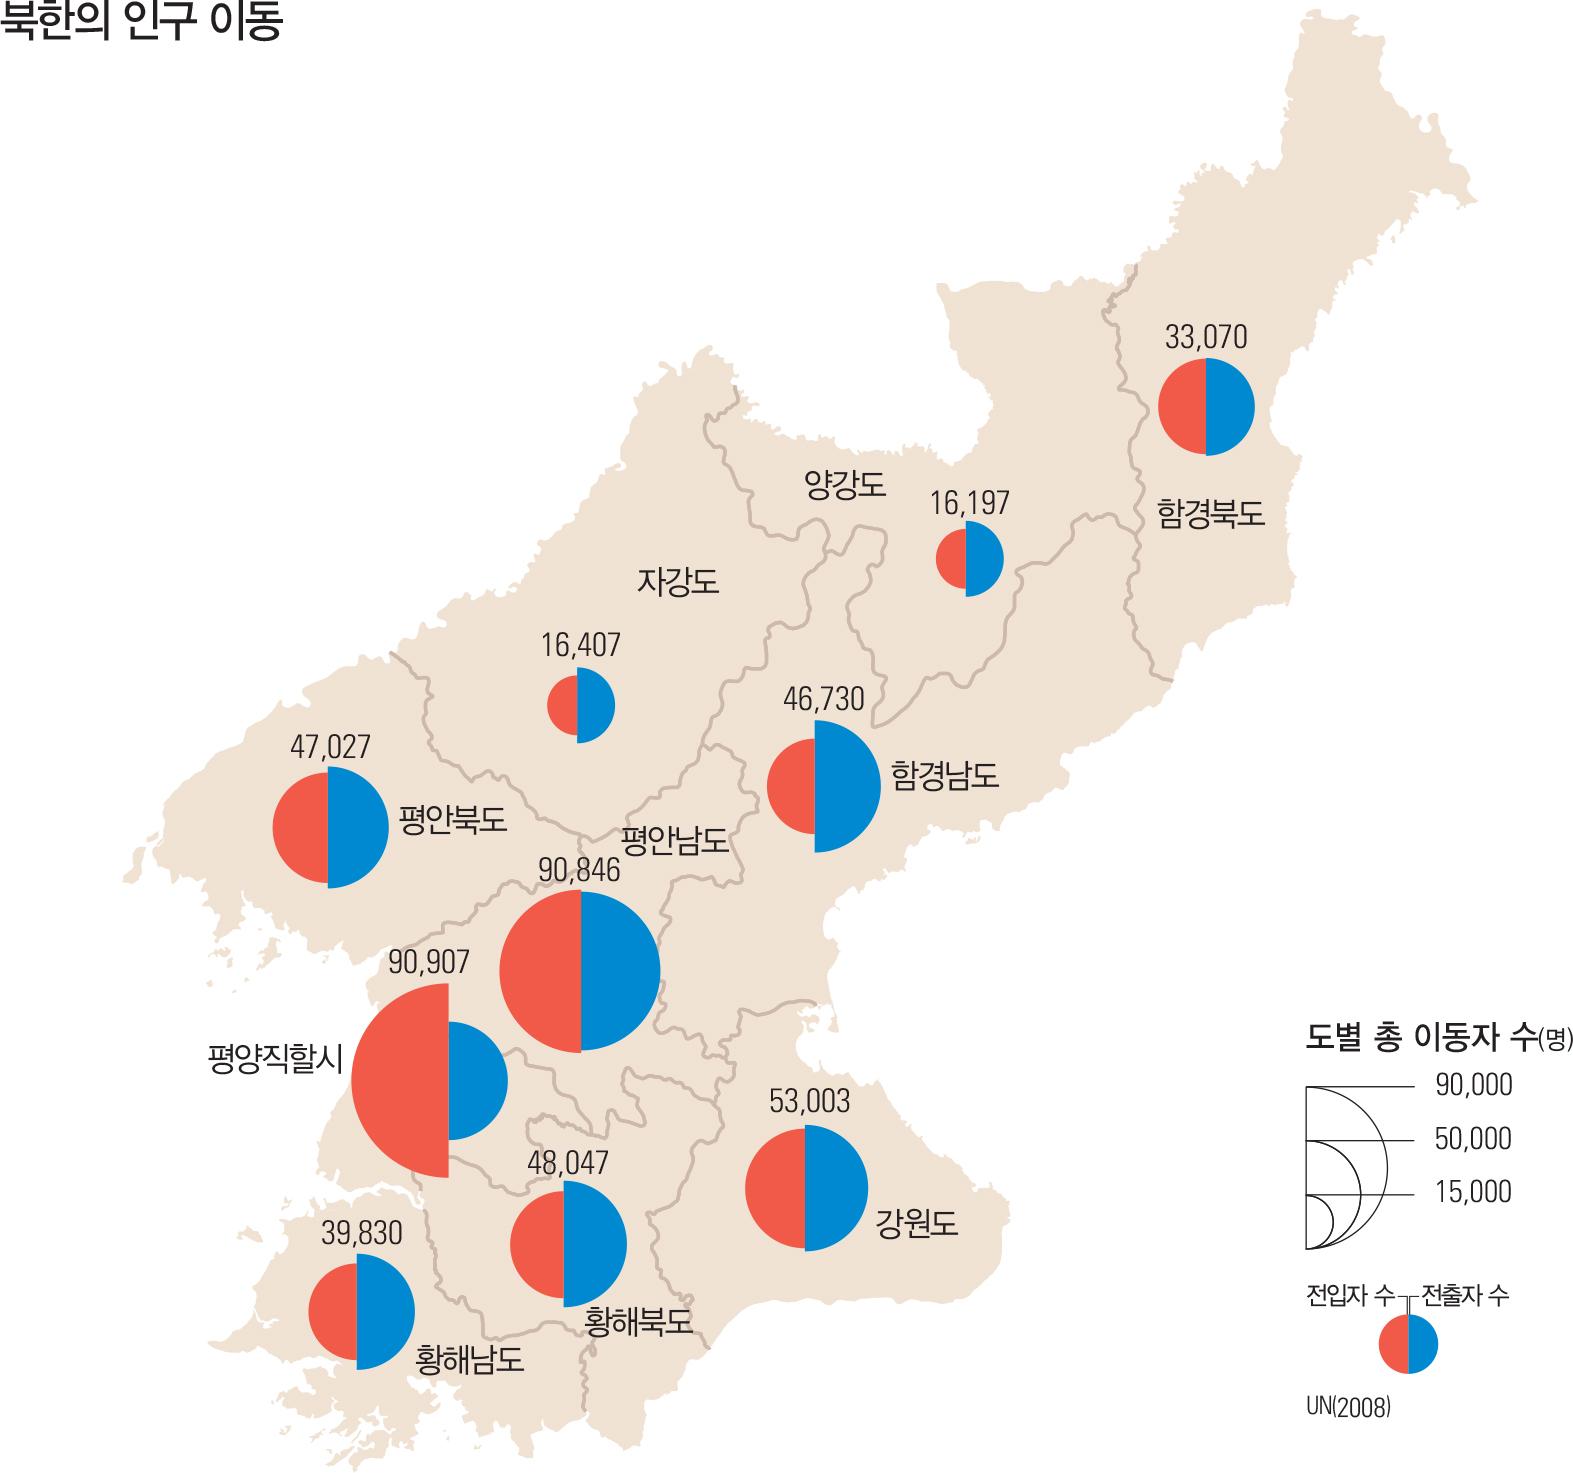 북한의 인구 이동